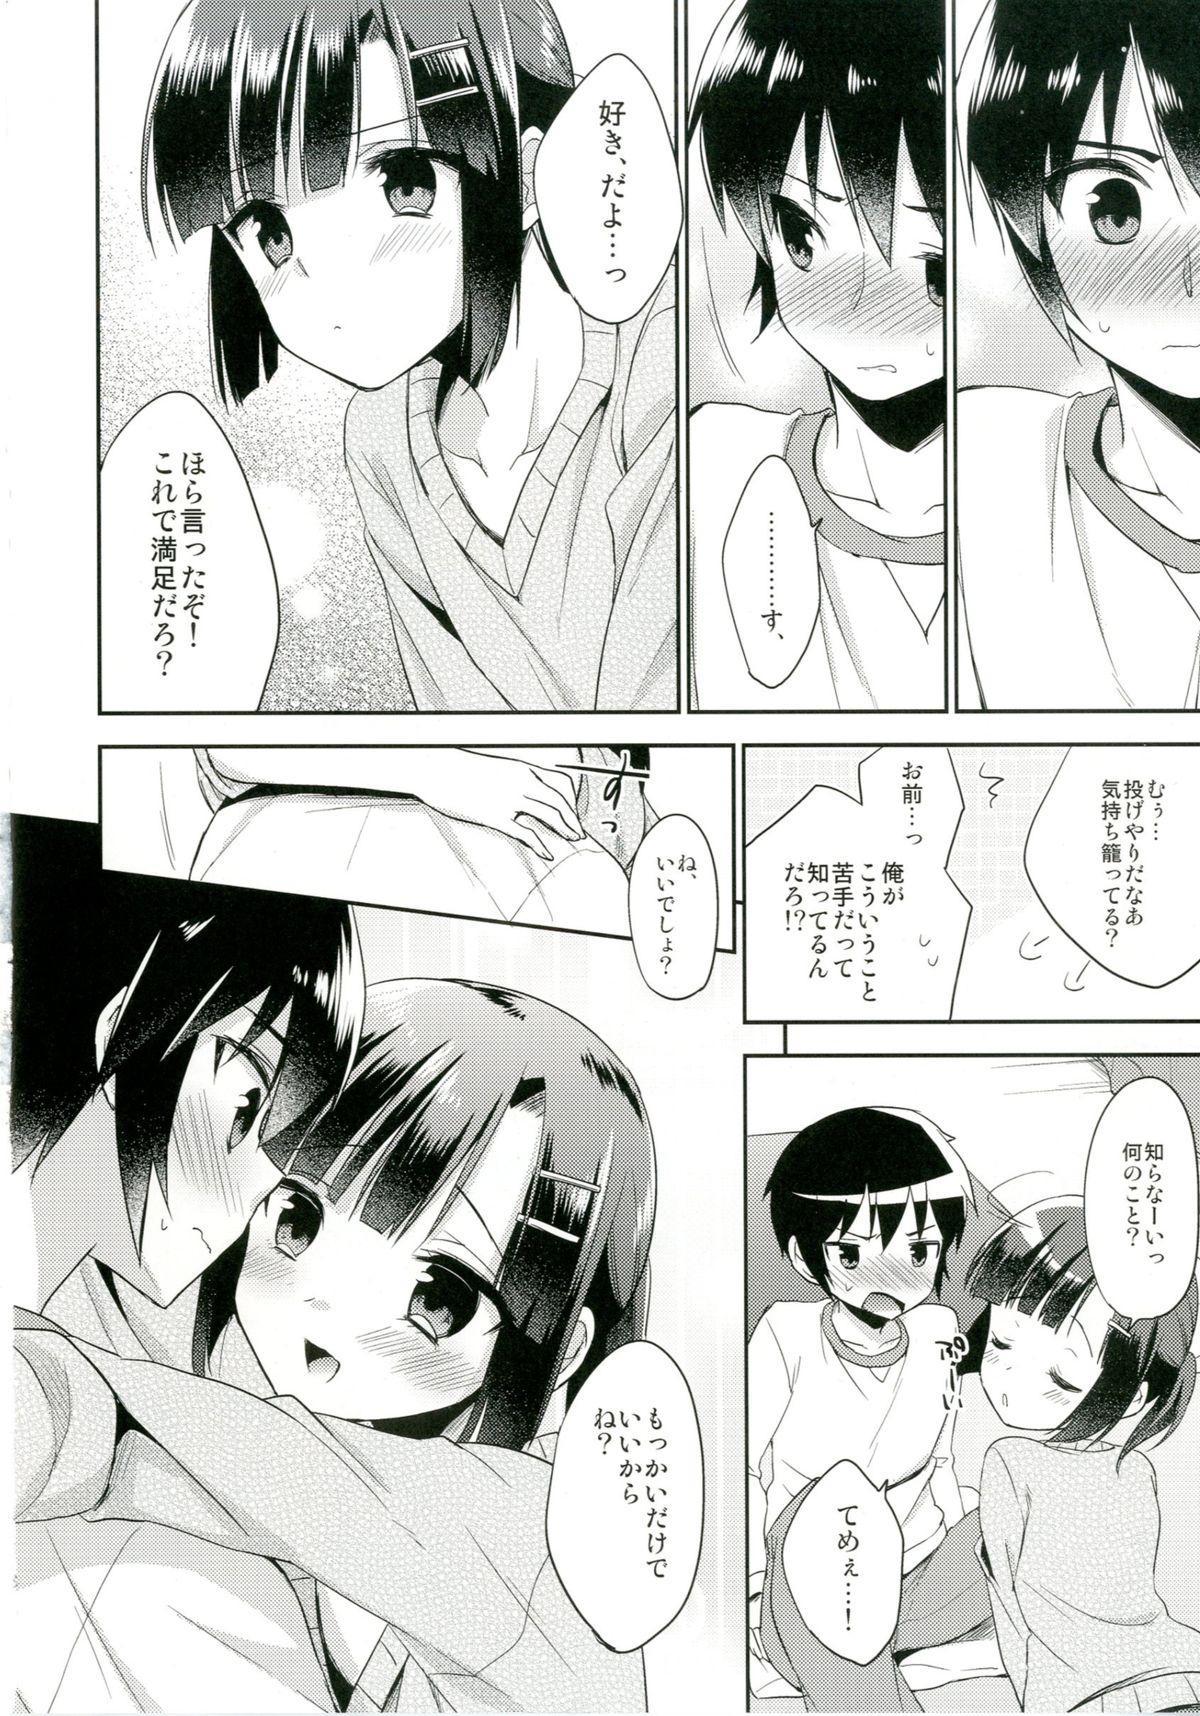 Dousei Hajimemashita 17